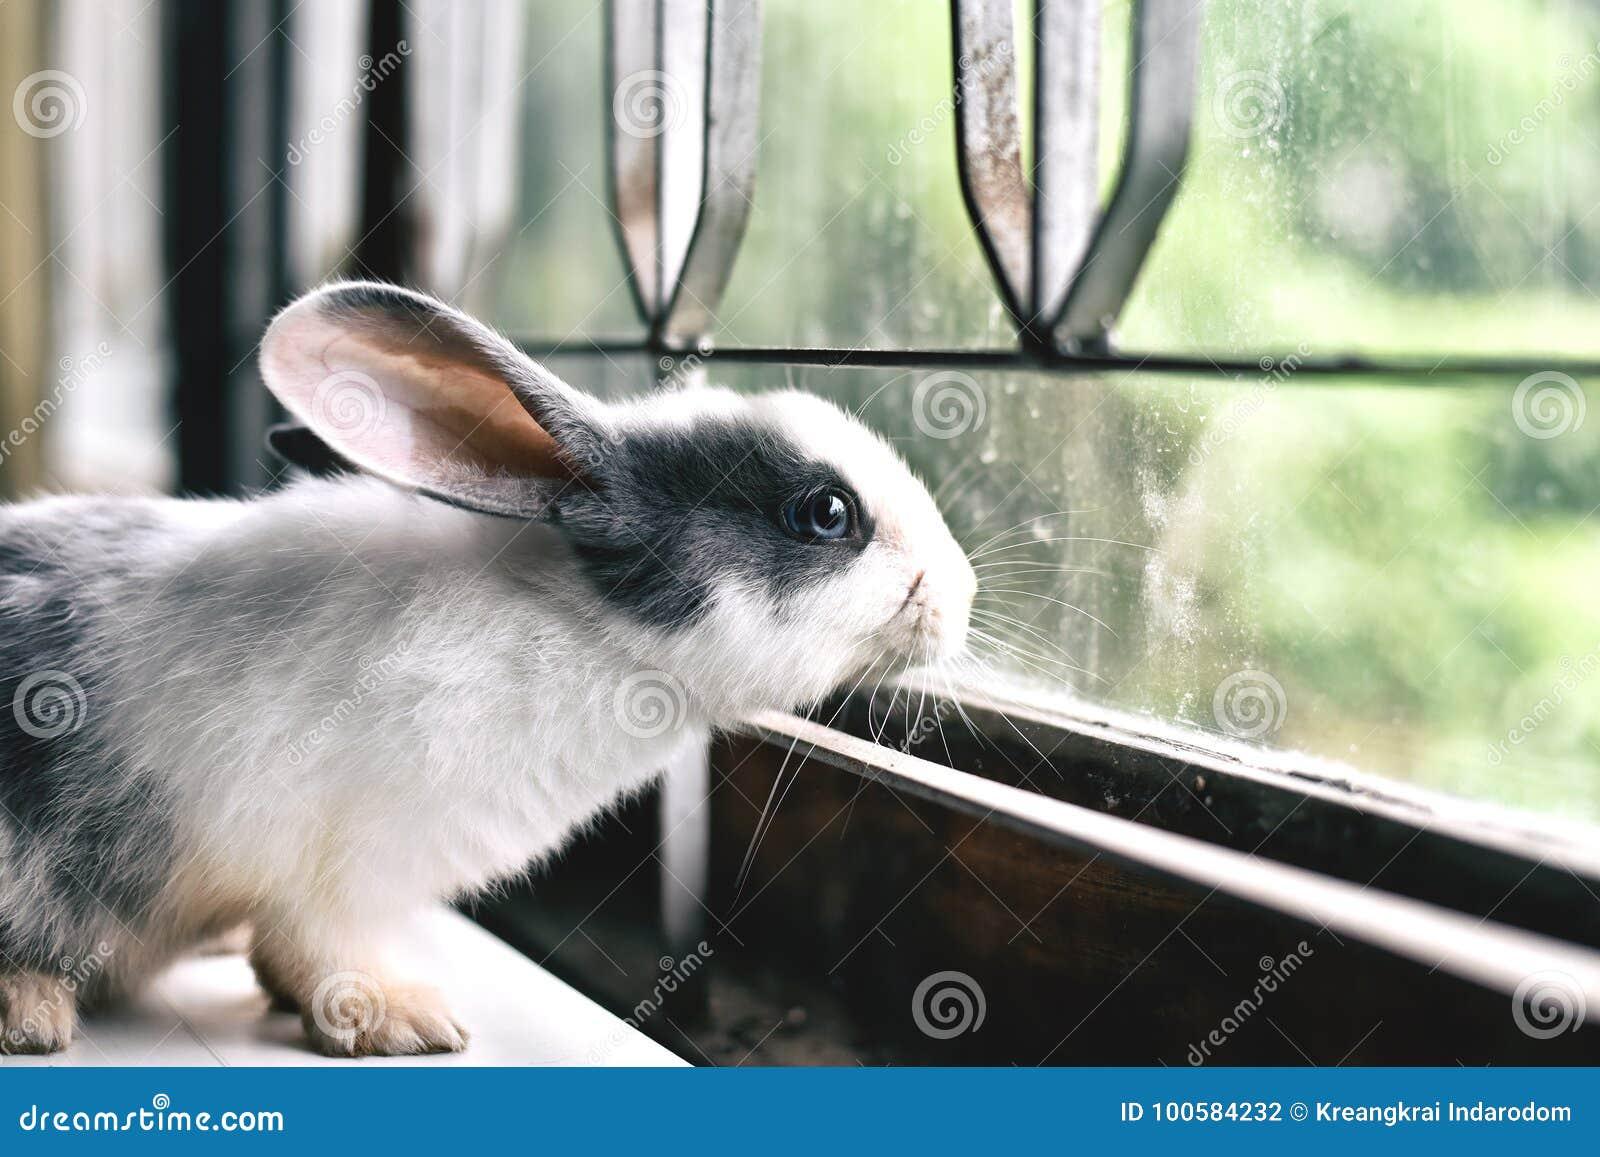 Белый кролик смотря через окно, любознательный маленький зайчик наблюдая вне окно в солнечном дне